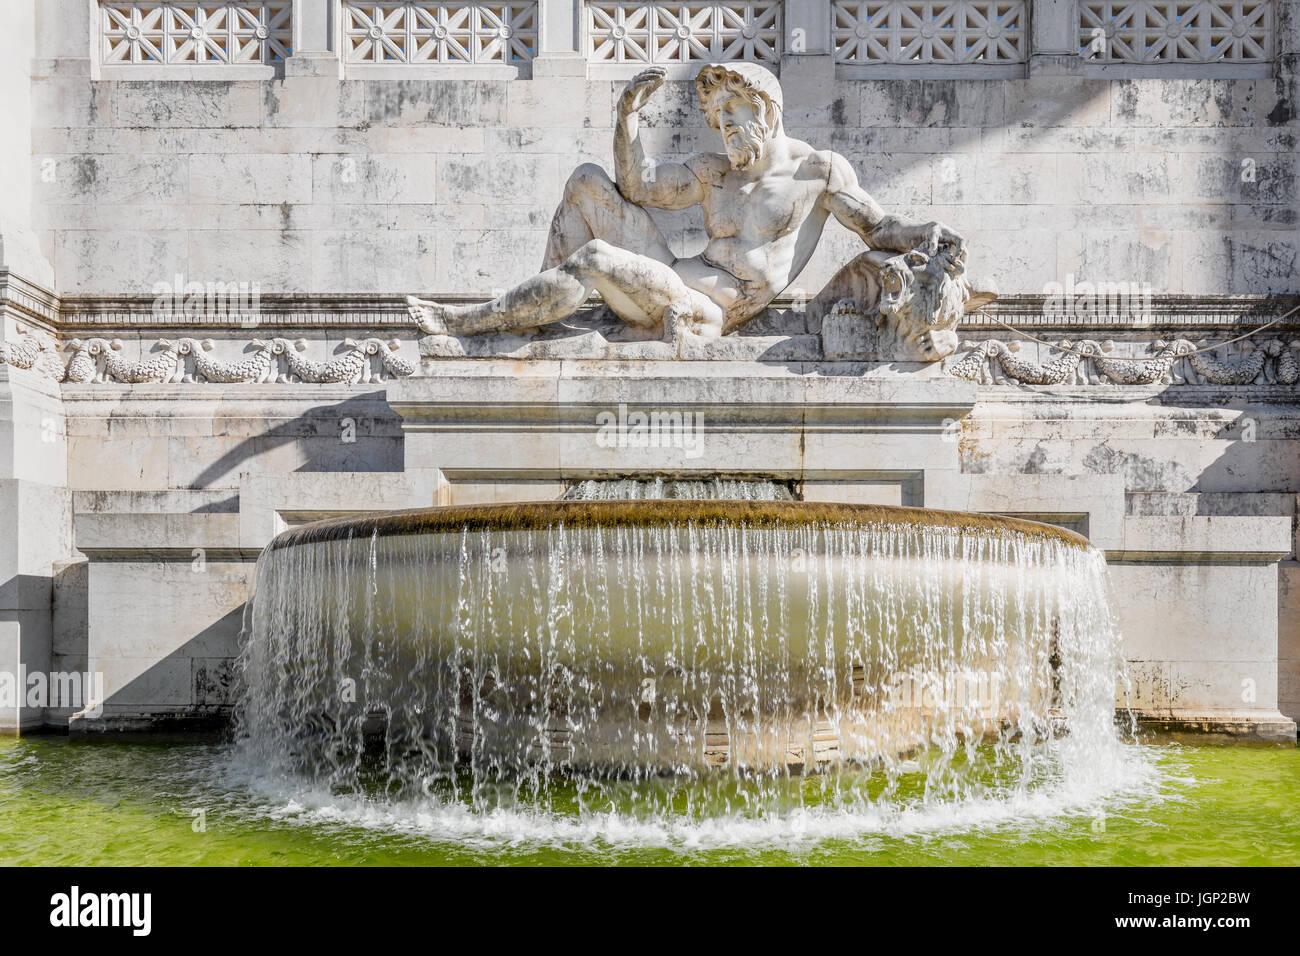 Fountain of the Adriatic Sea (Fontana dell'Adriatico), Piazza Venezia, Rome, Italy - Stock Image